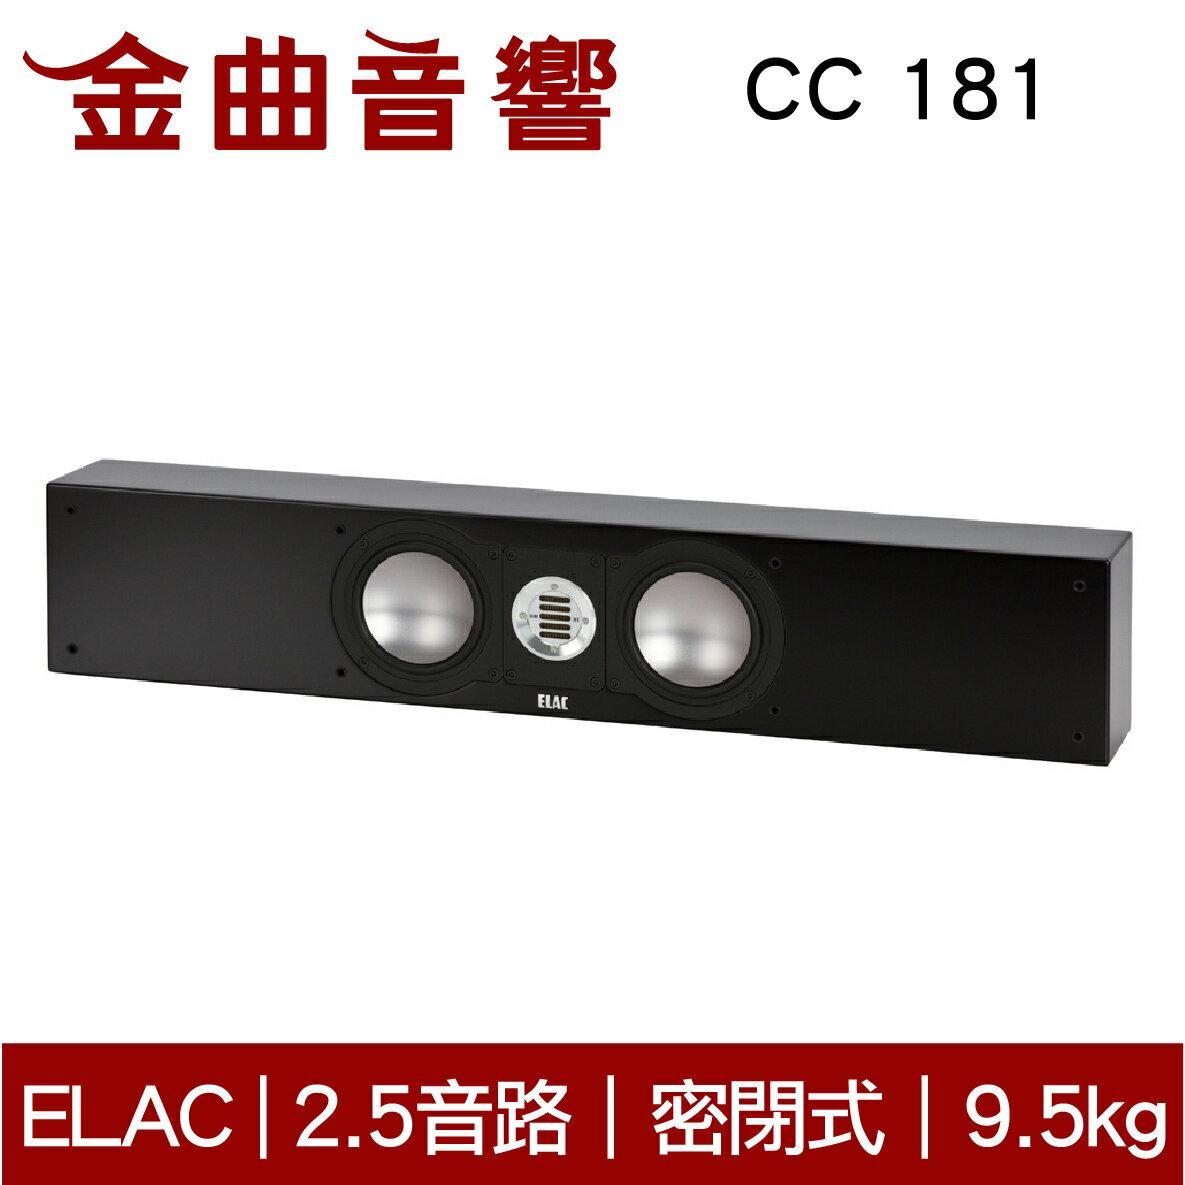 ELAC CC 181 中置 揚聲器 音響(單機)| 金曲音響